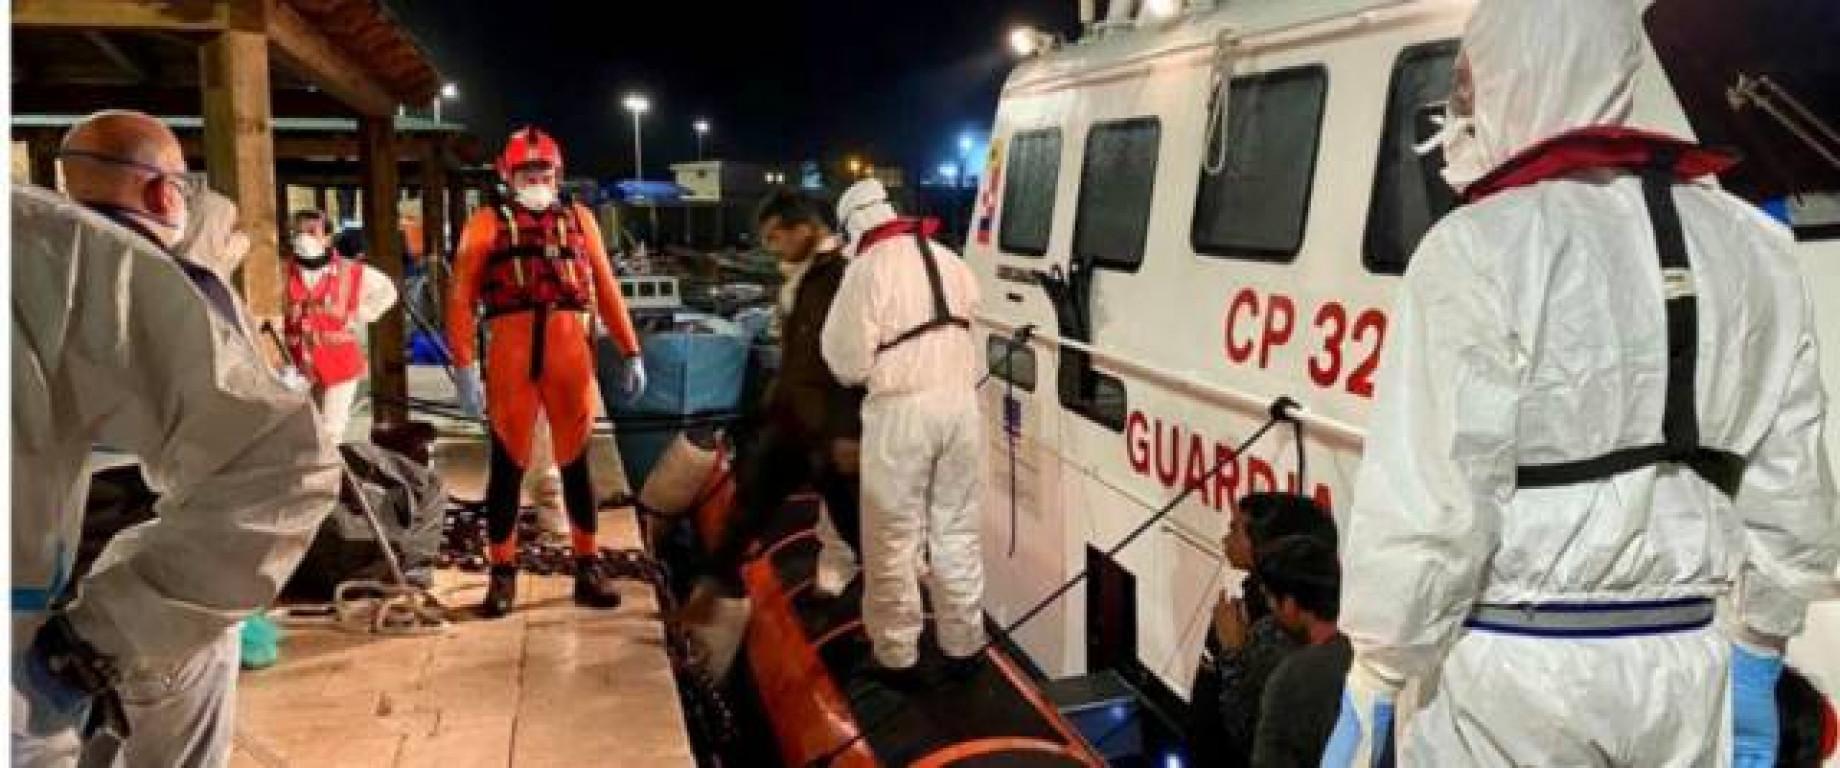 Il sindaco di Lampedusa: «Sbarchi di migranti a raffica, non ce la facciamo più. Siamo in ginocchio»